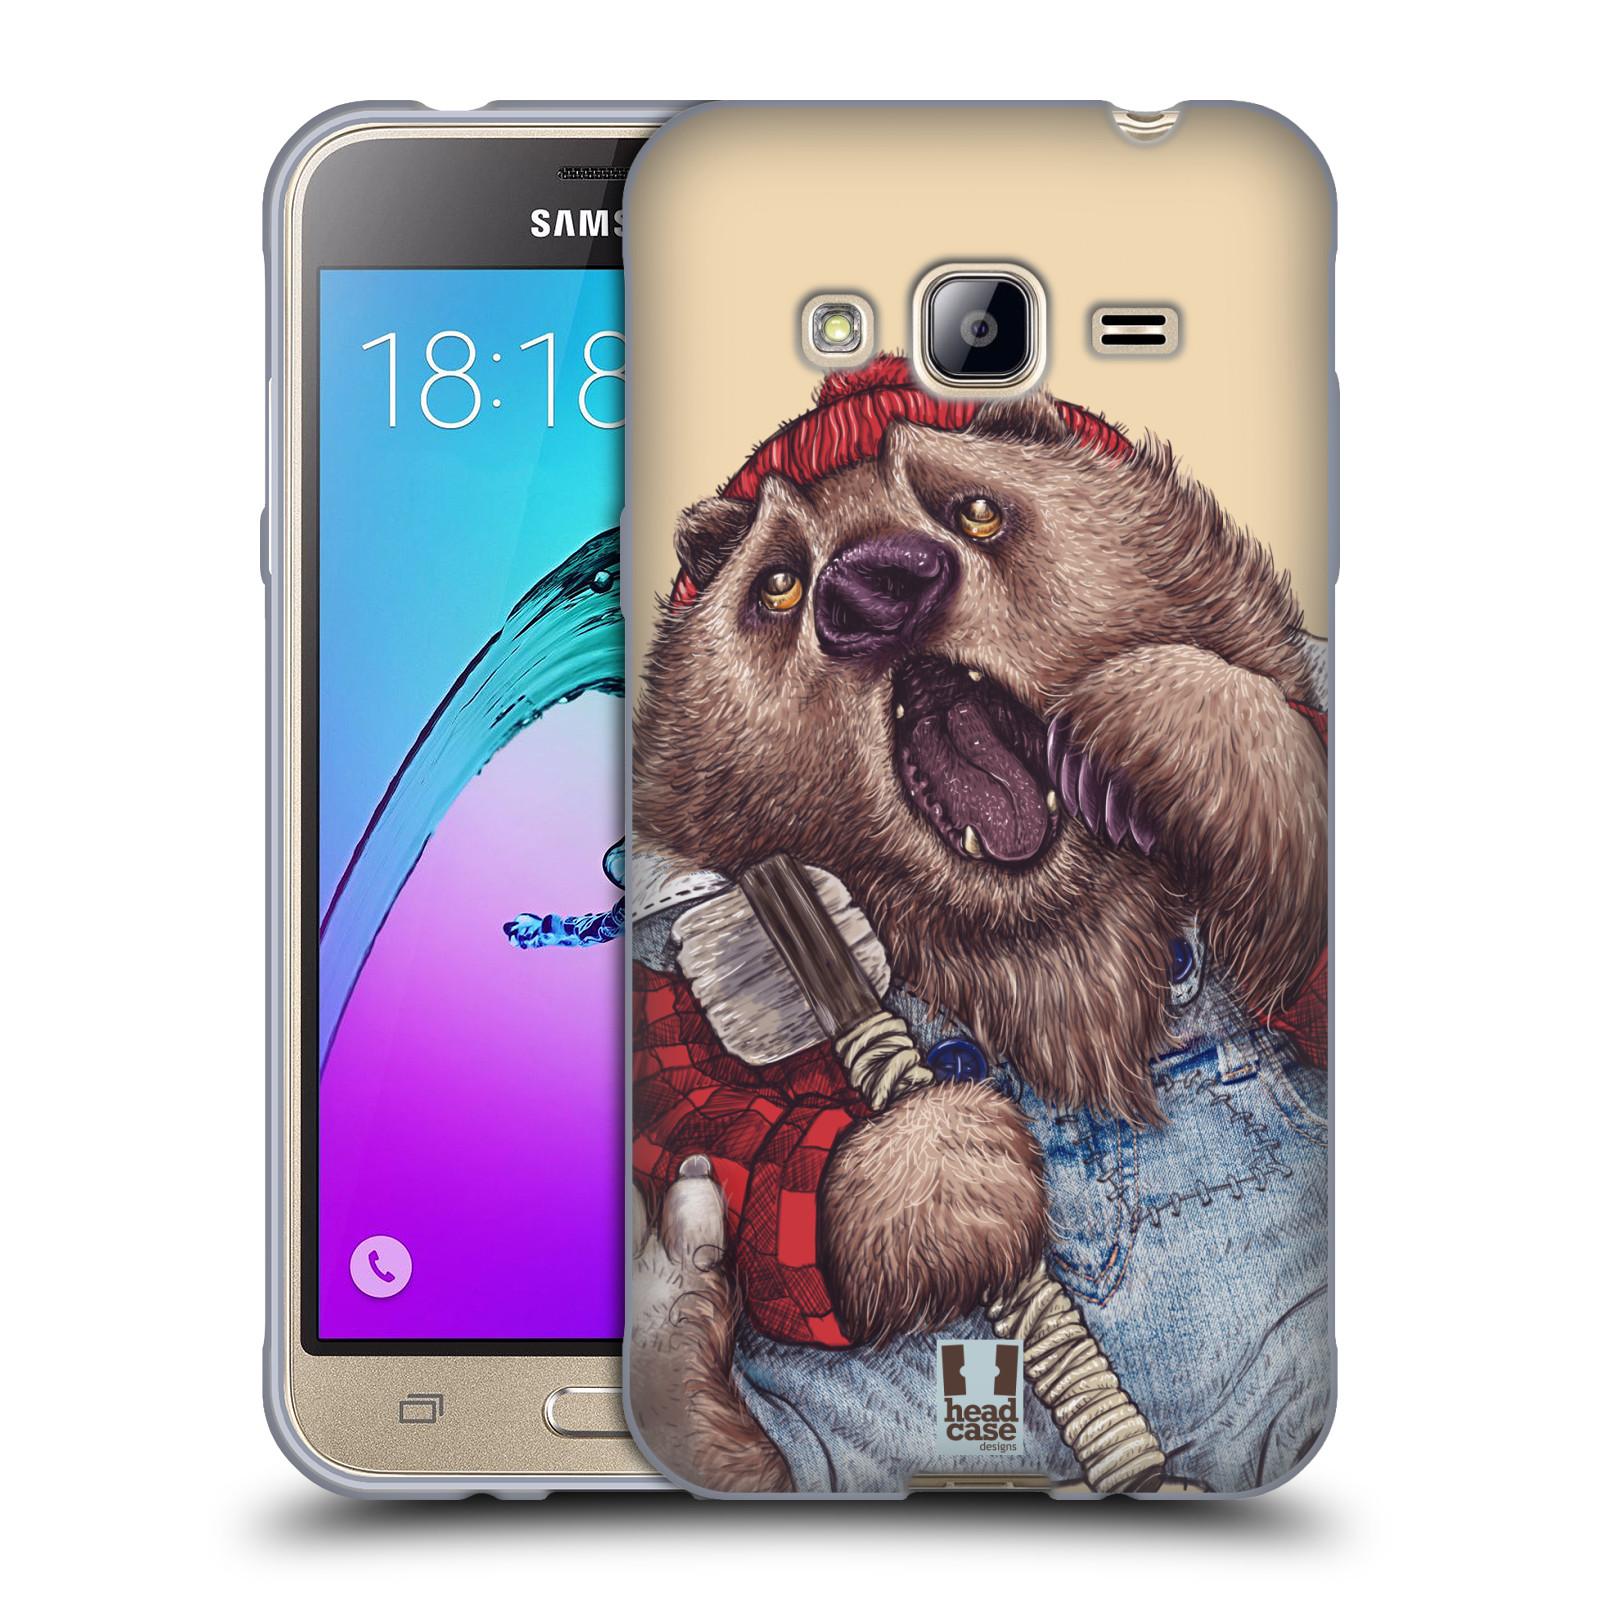 HEAD CASE silikonový obal na mobil Samsung Galaxy J3, J3 2016 vzor Kreslená zvířátka medvěd